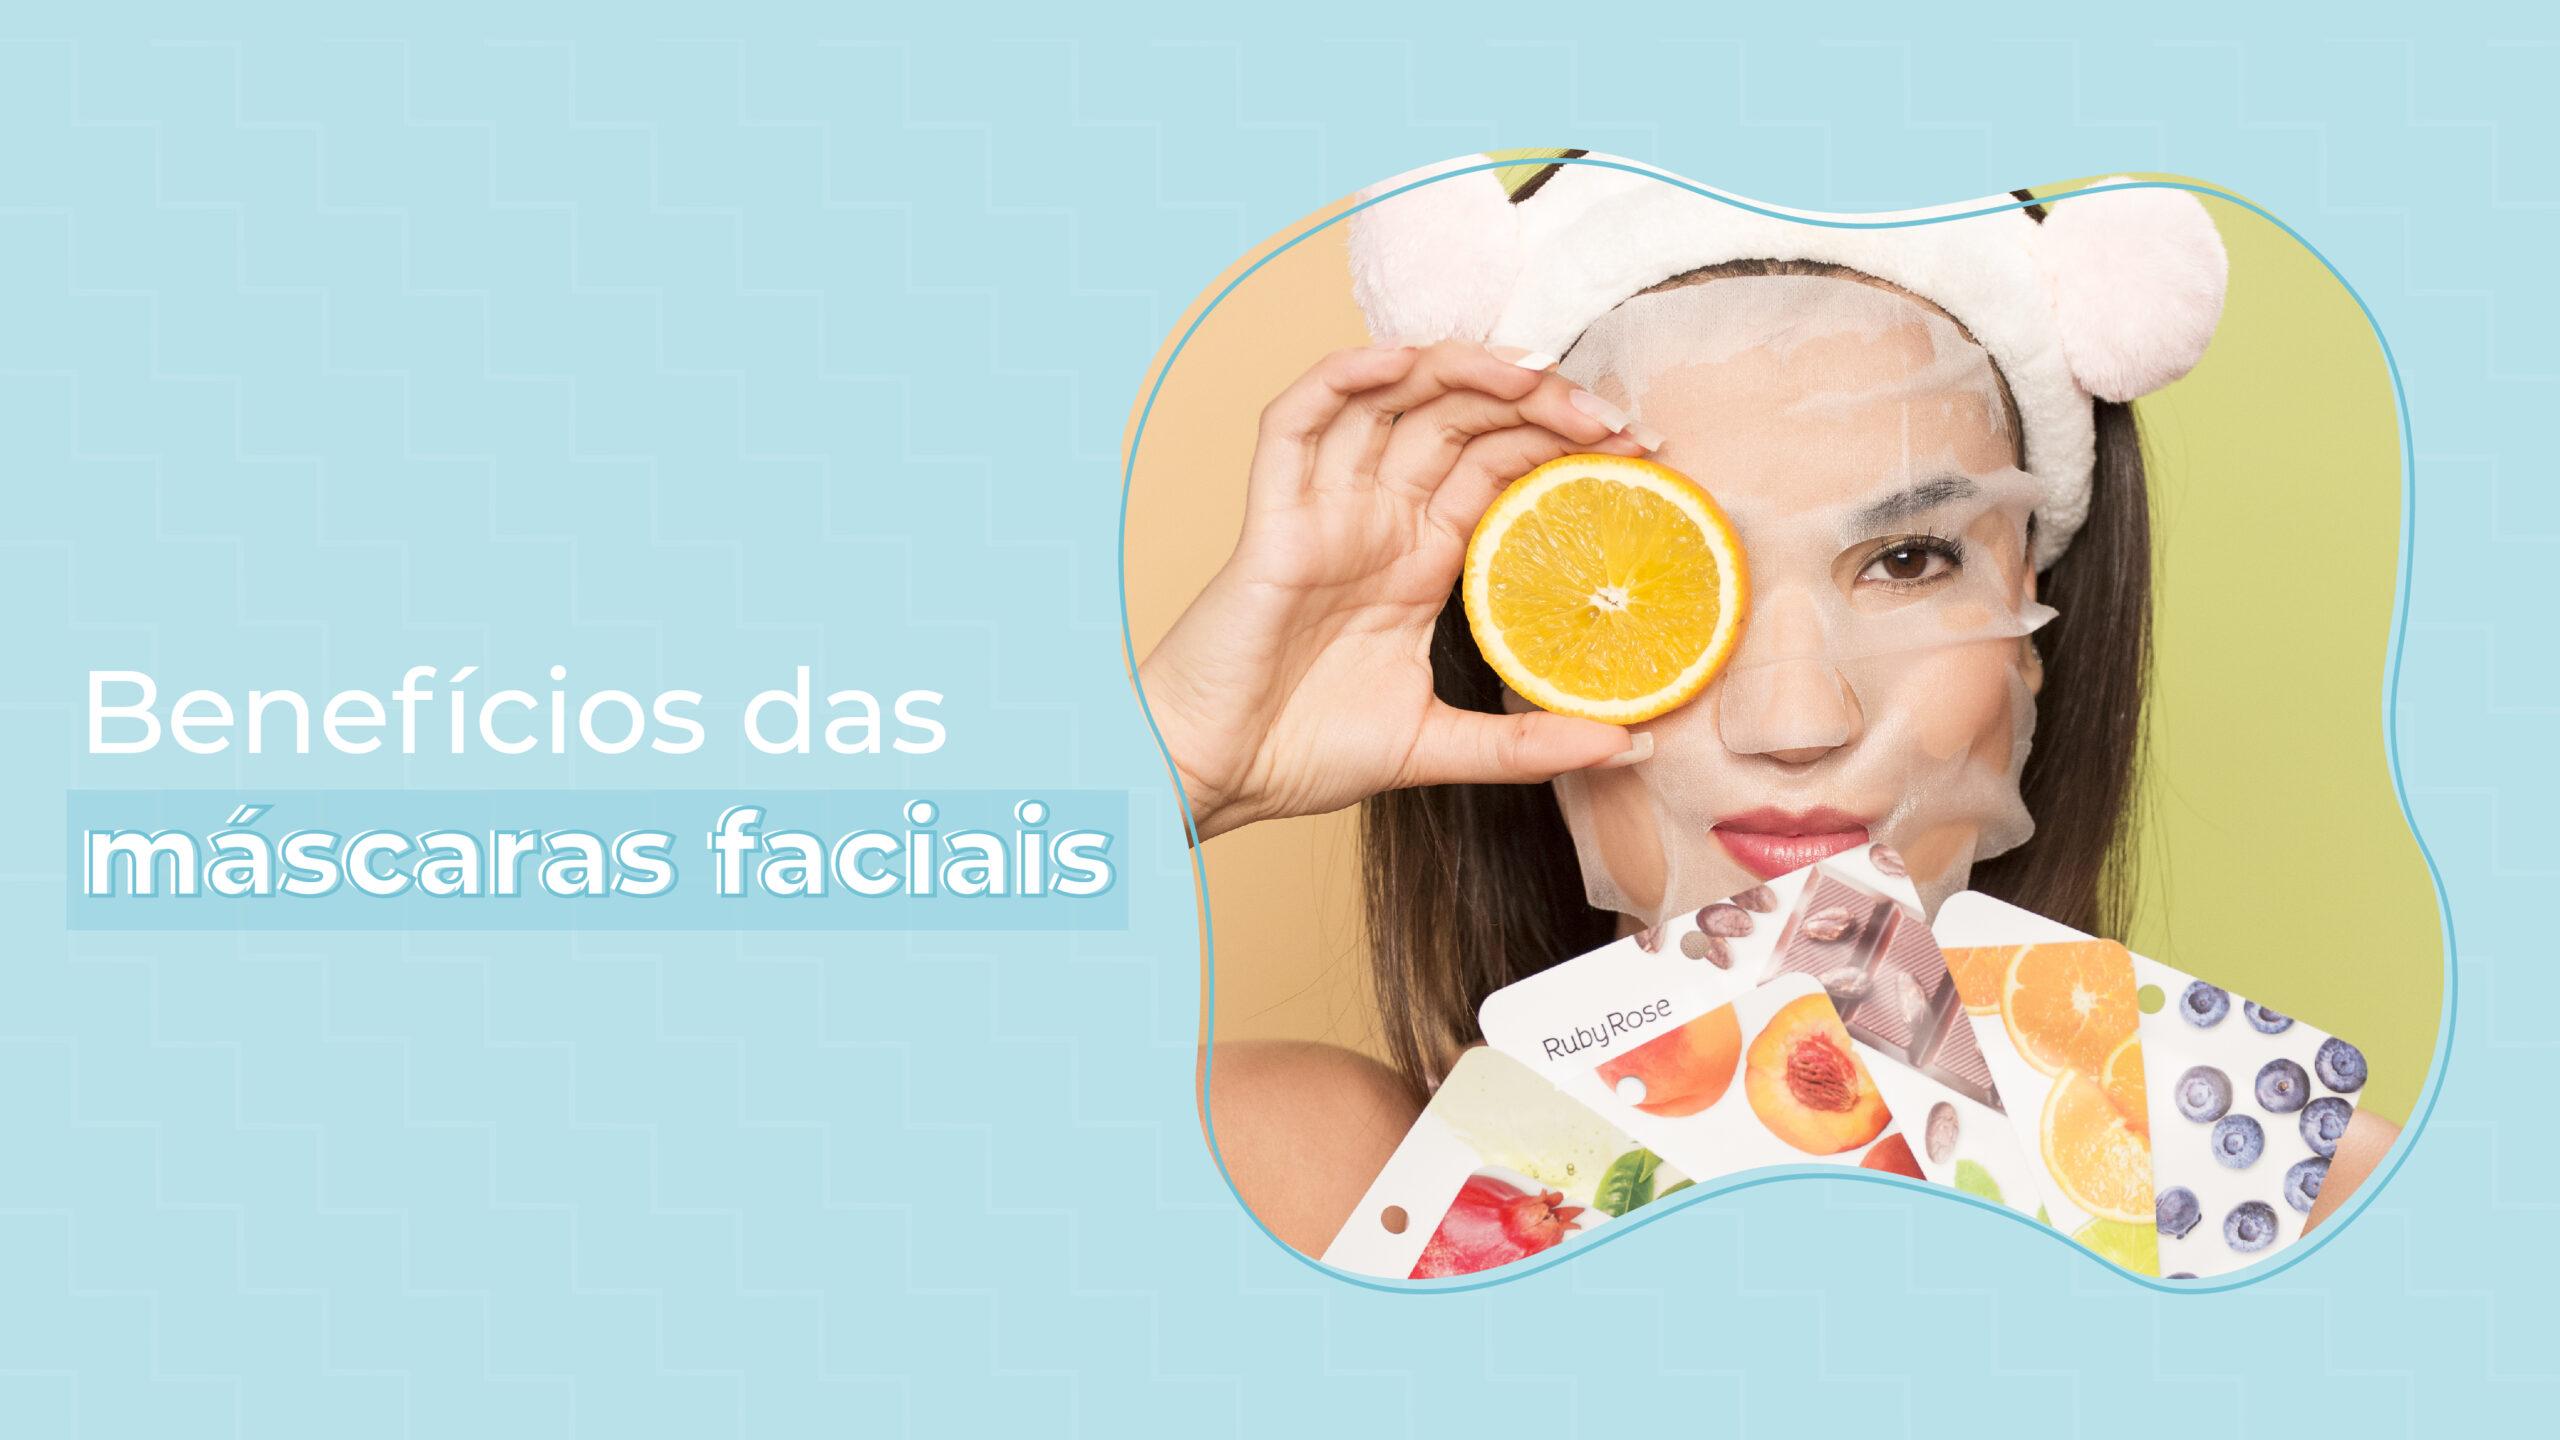 Máscara facial: saiba quais os benefícios oferecem para pele